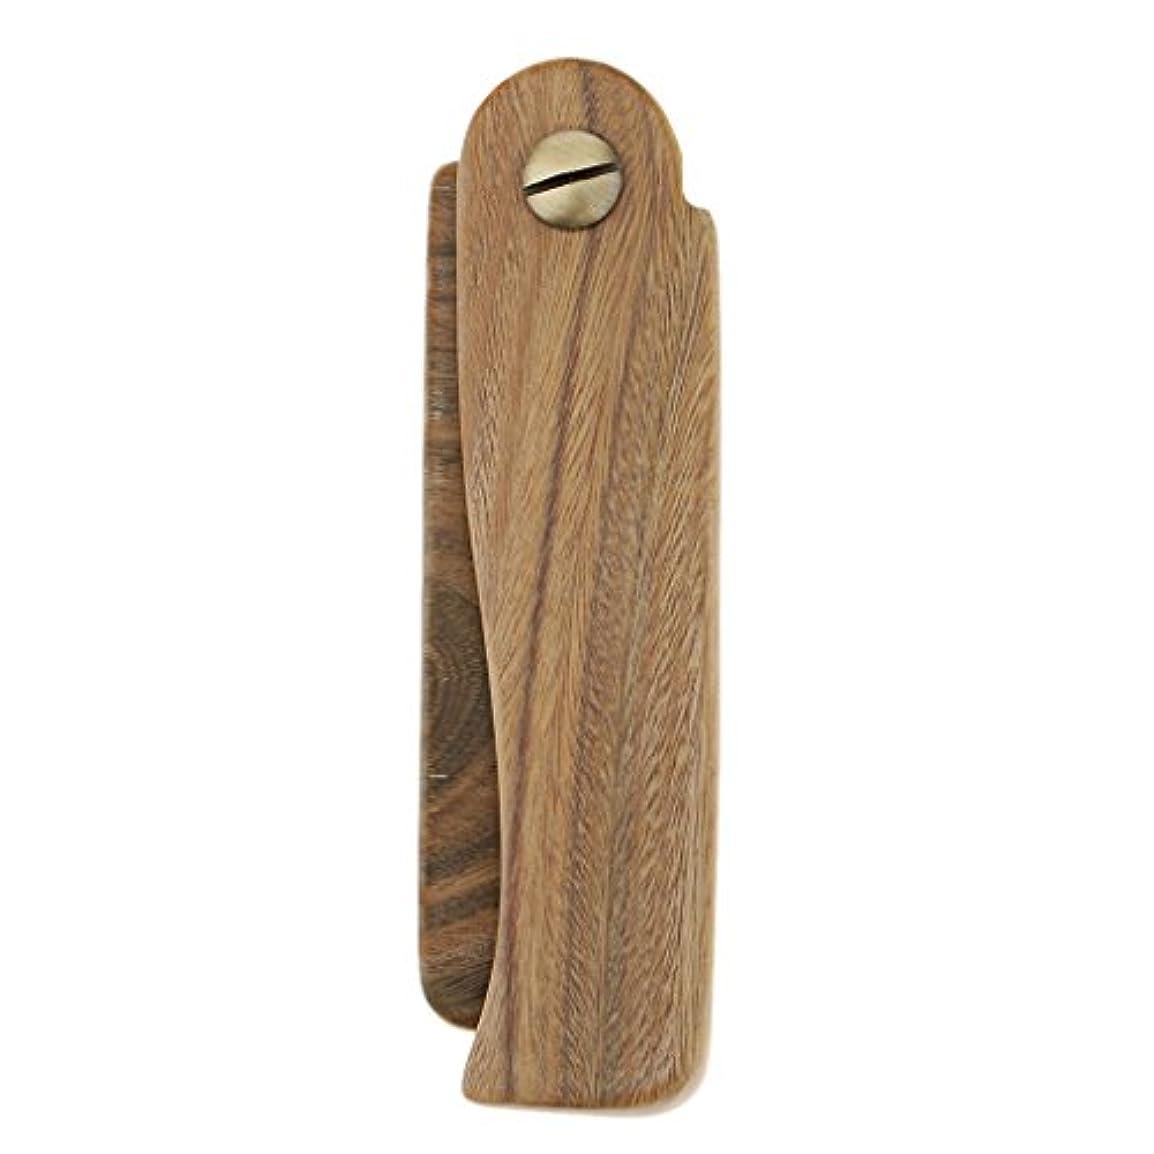 デザイナー登録する駅ポケットの折り畳み式の木のひげの口ひげは、男性の女性のための毛の櫛をグルーミング - A